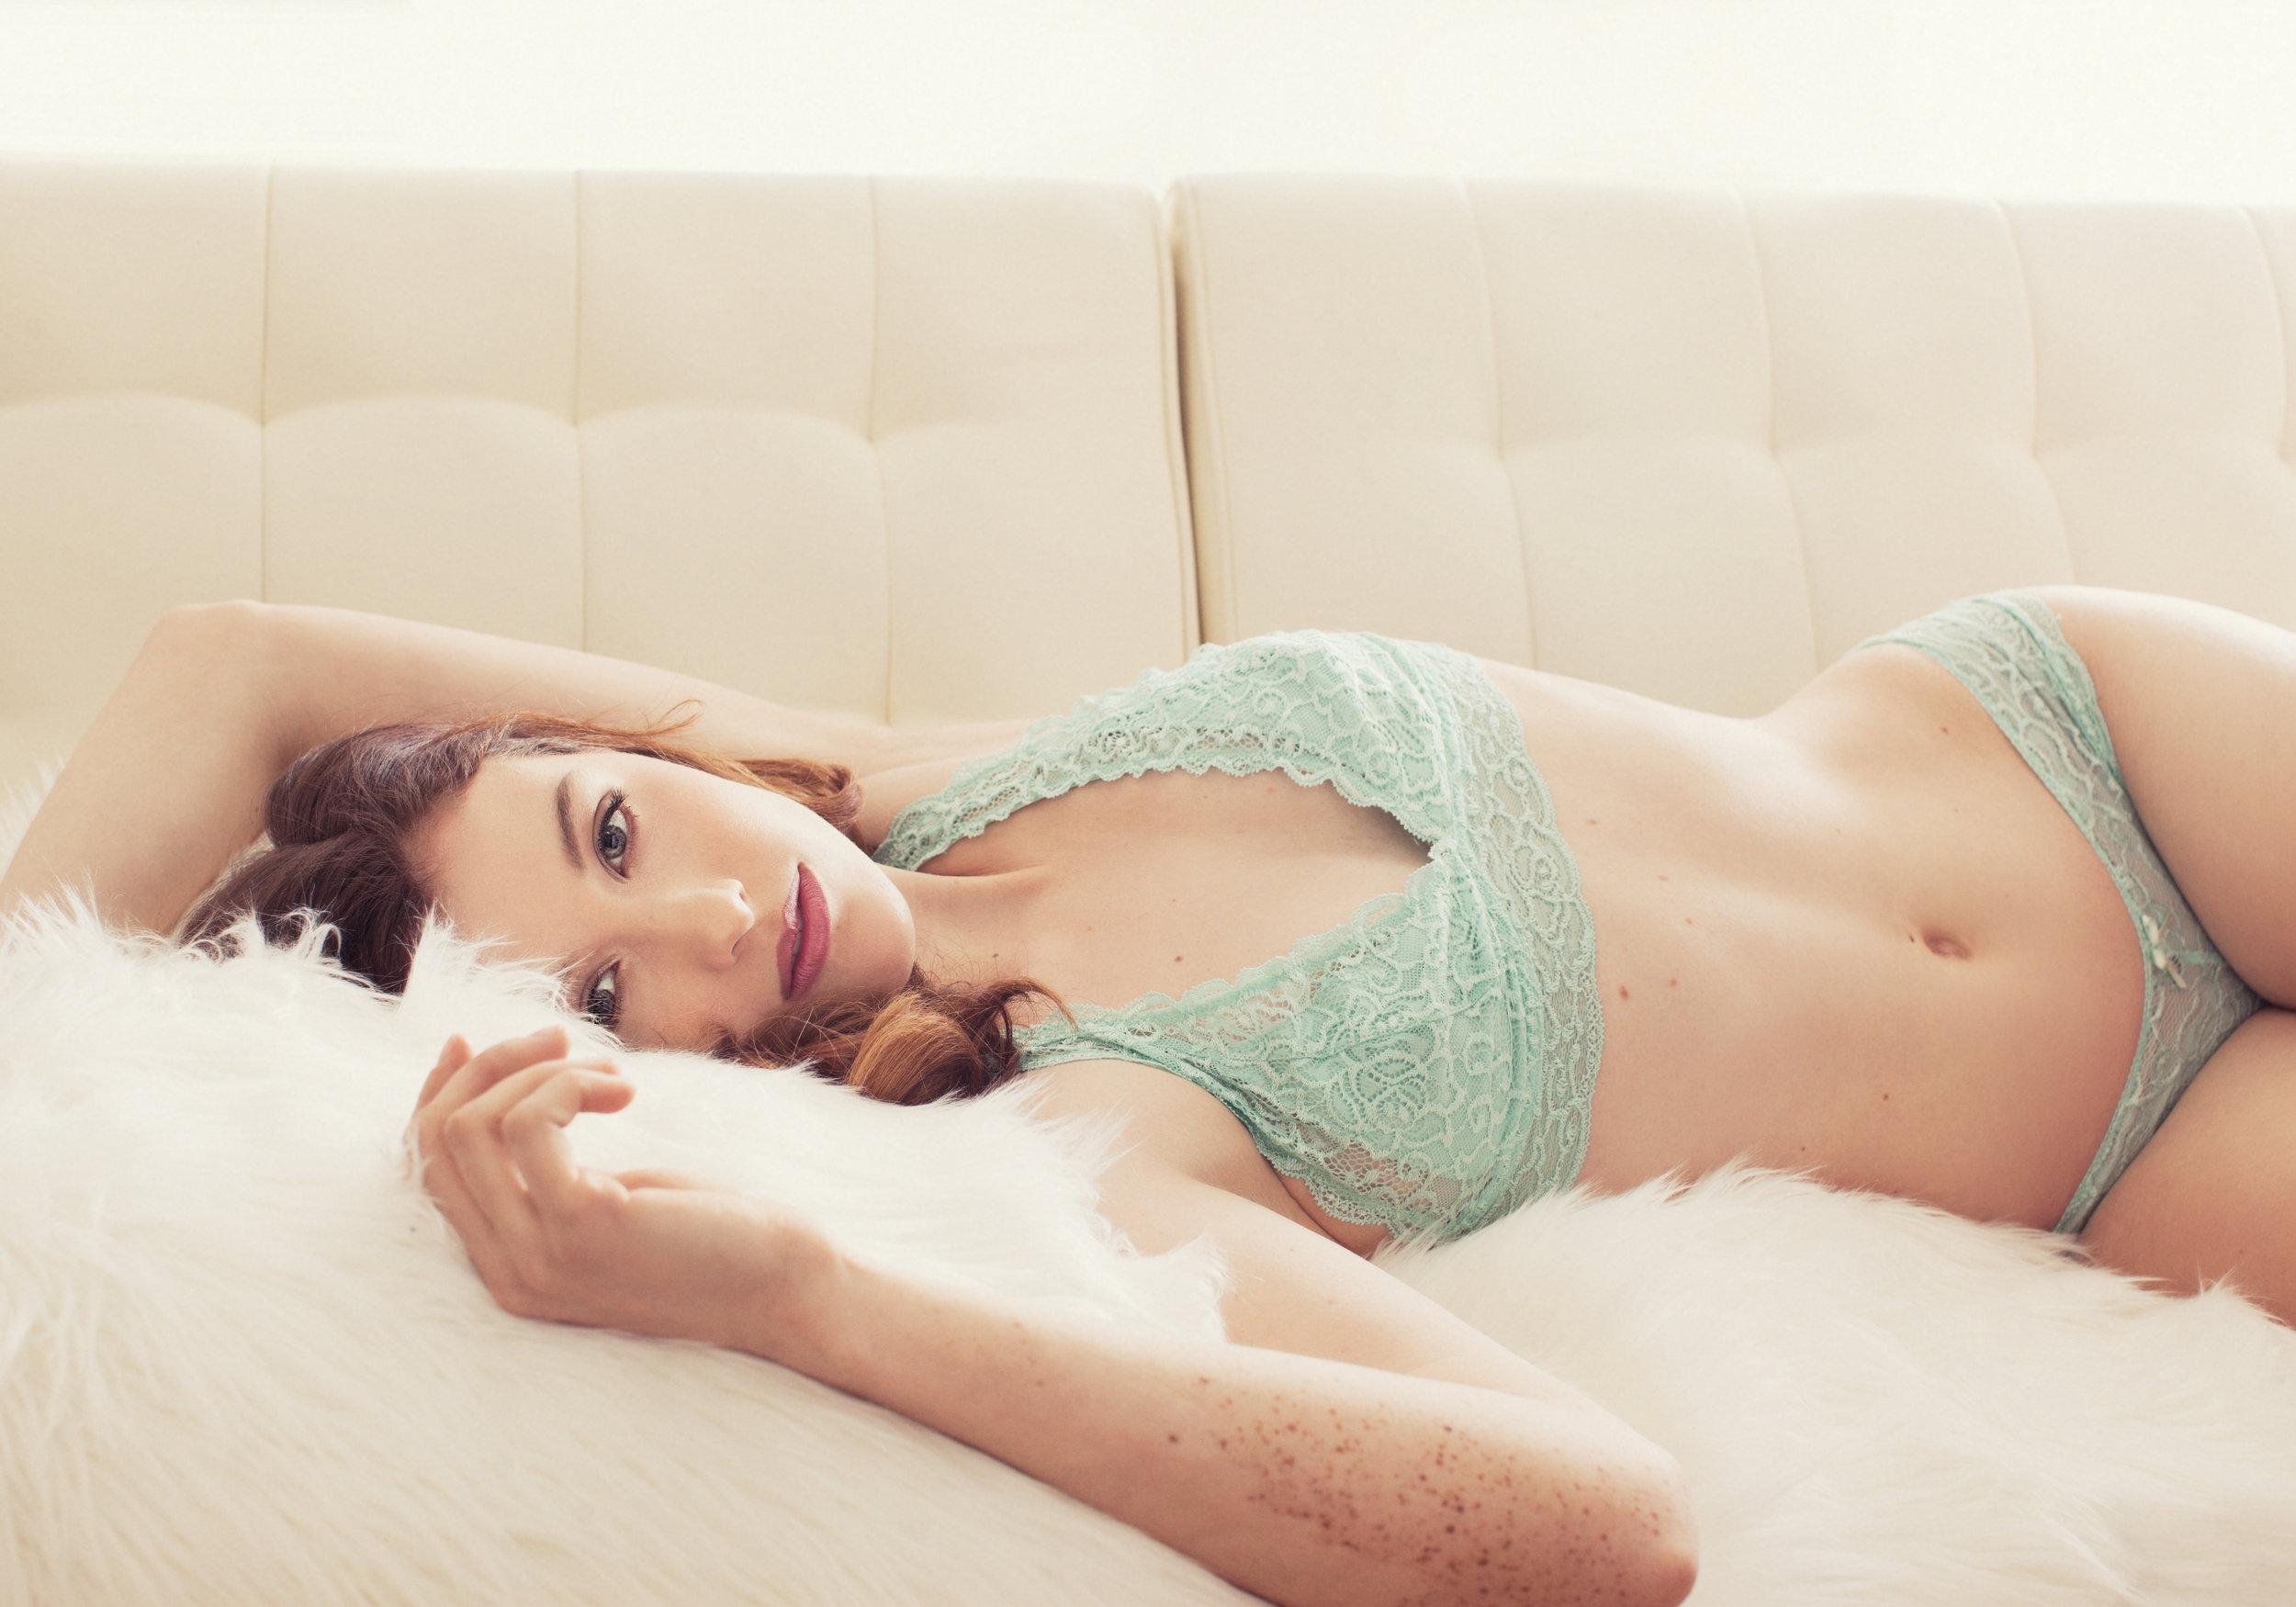 Fur and lingerie boudoir